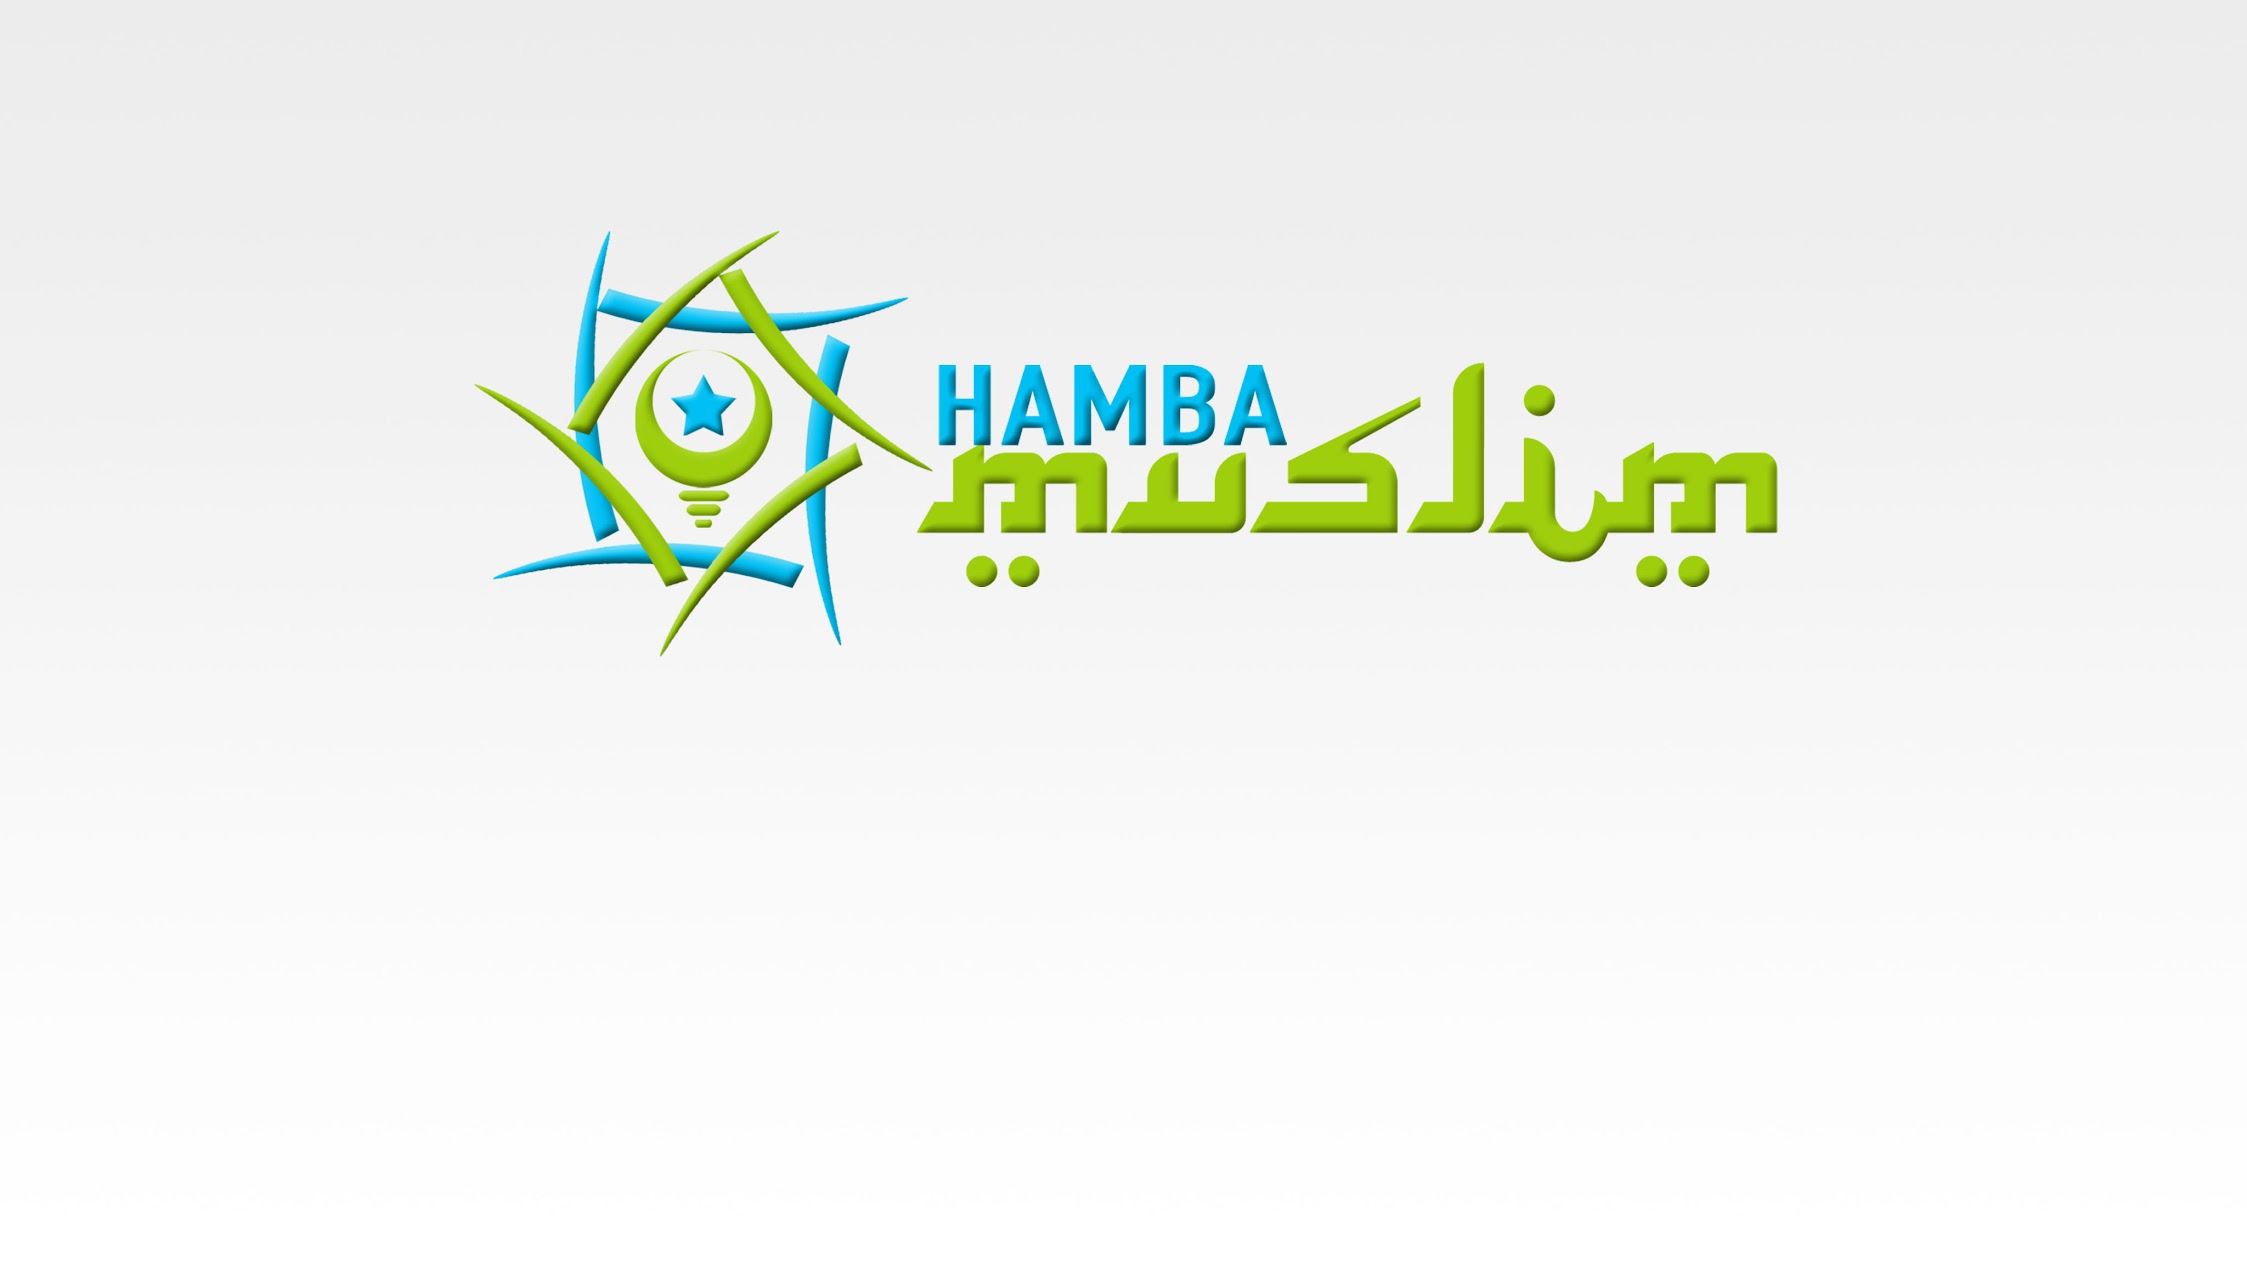 Hamba Muslim